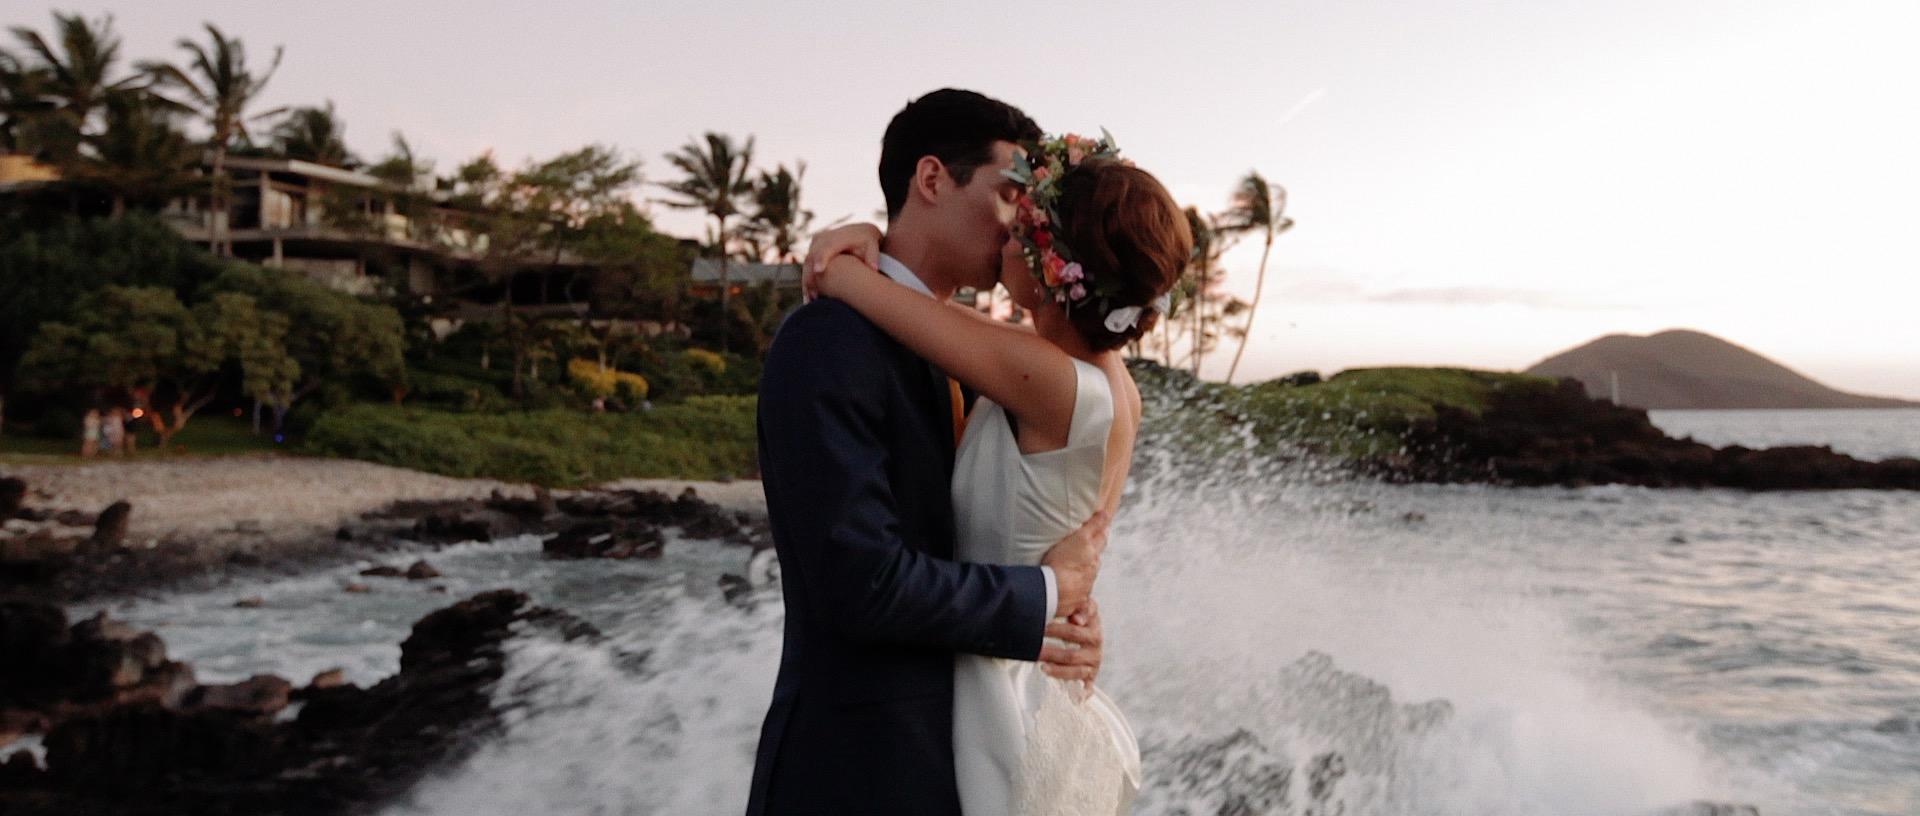 Intimate Hawaiian Wedding    Sean + Anna    VIEW WEDDING